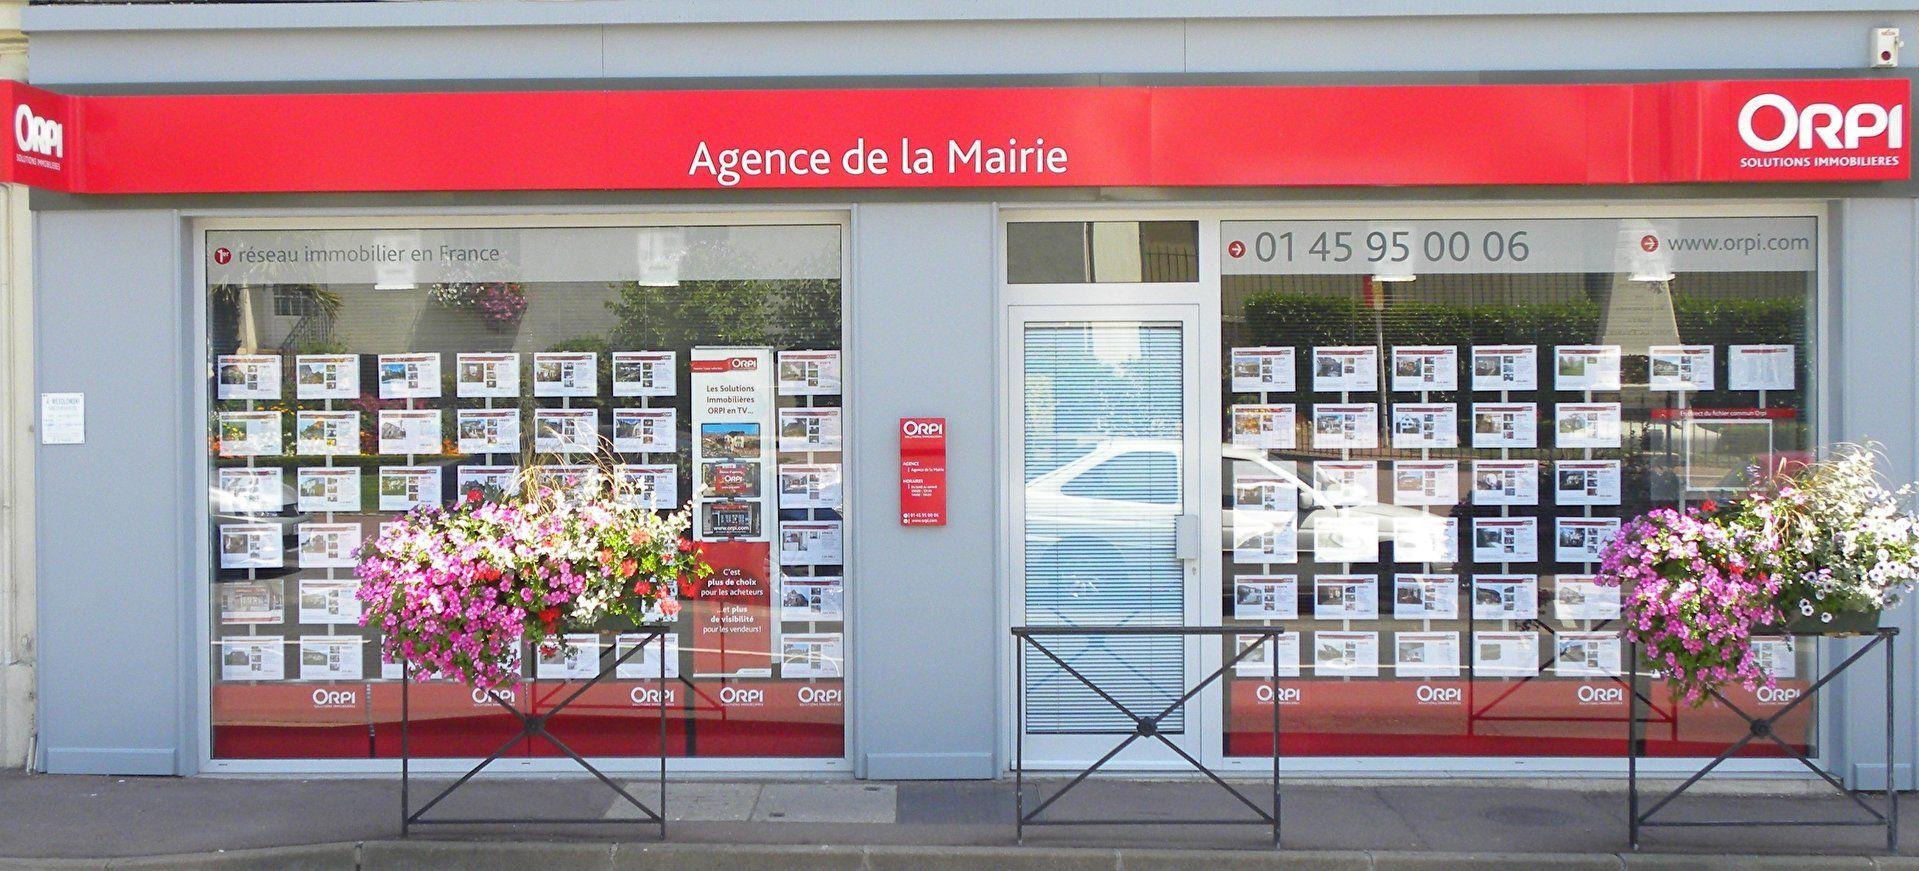 Agence de la Mairie Villecresnes